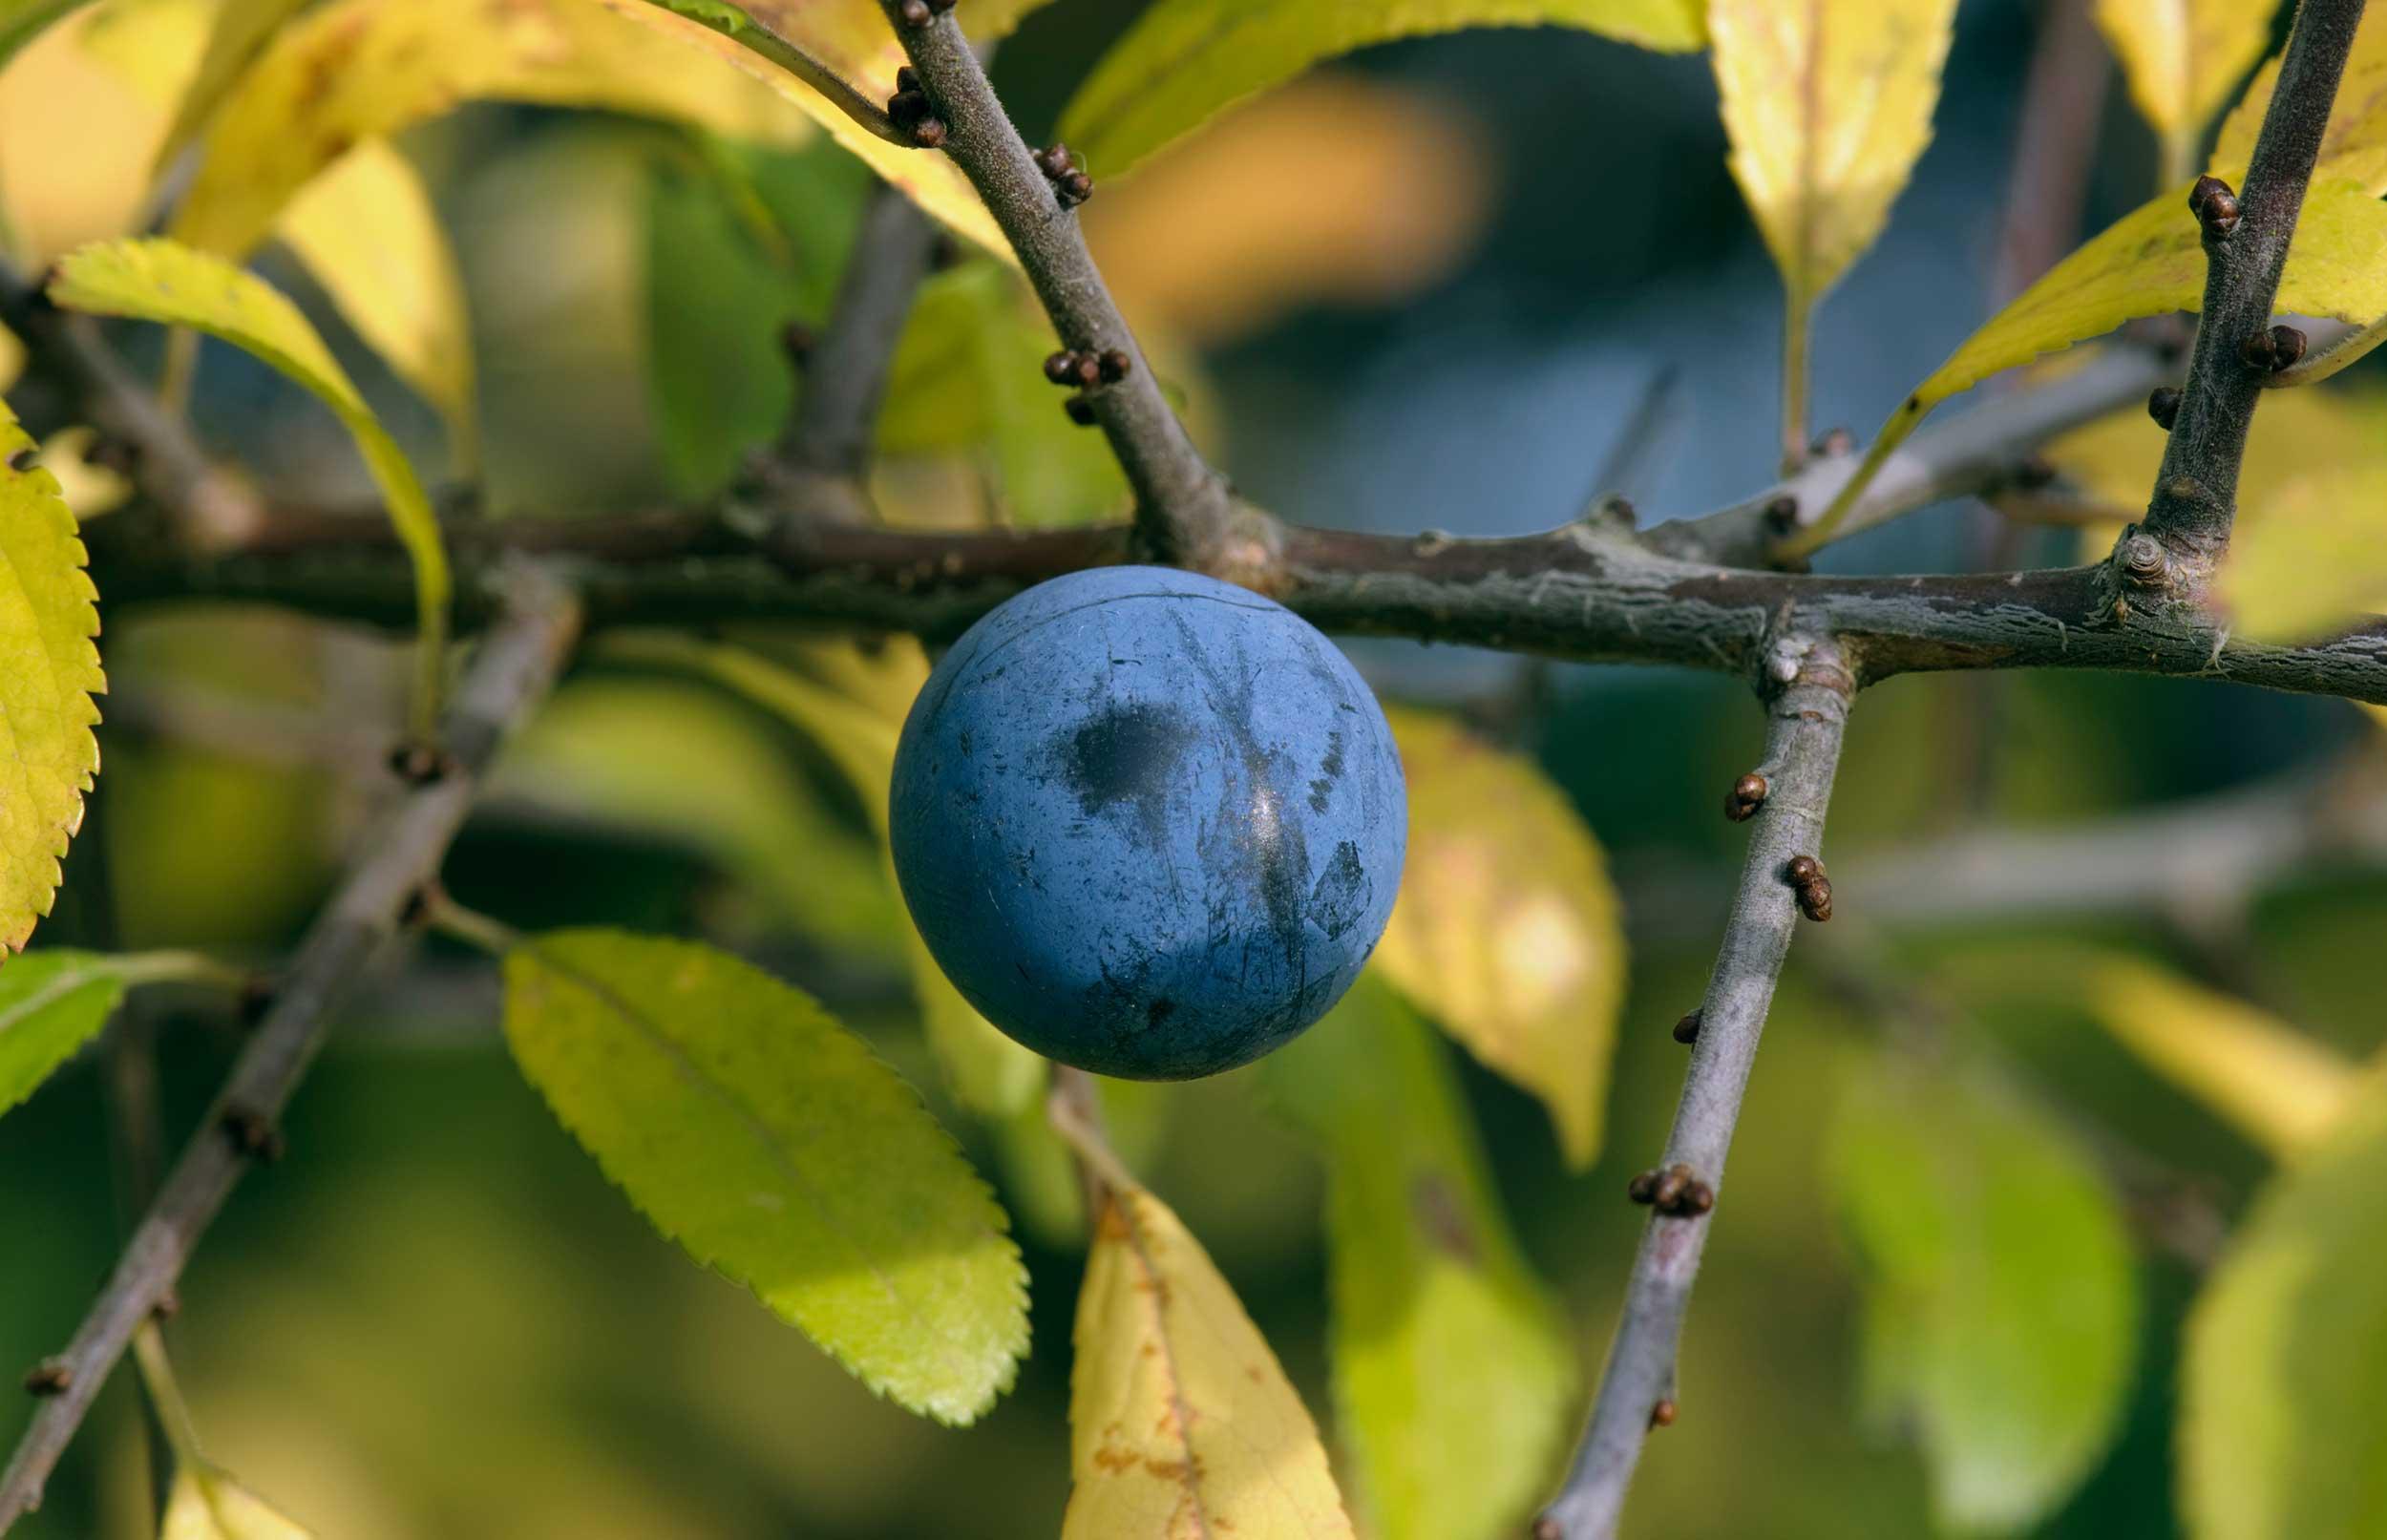 De her bær og frugter skal du sanke i efteråret